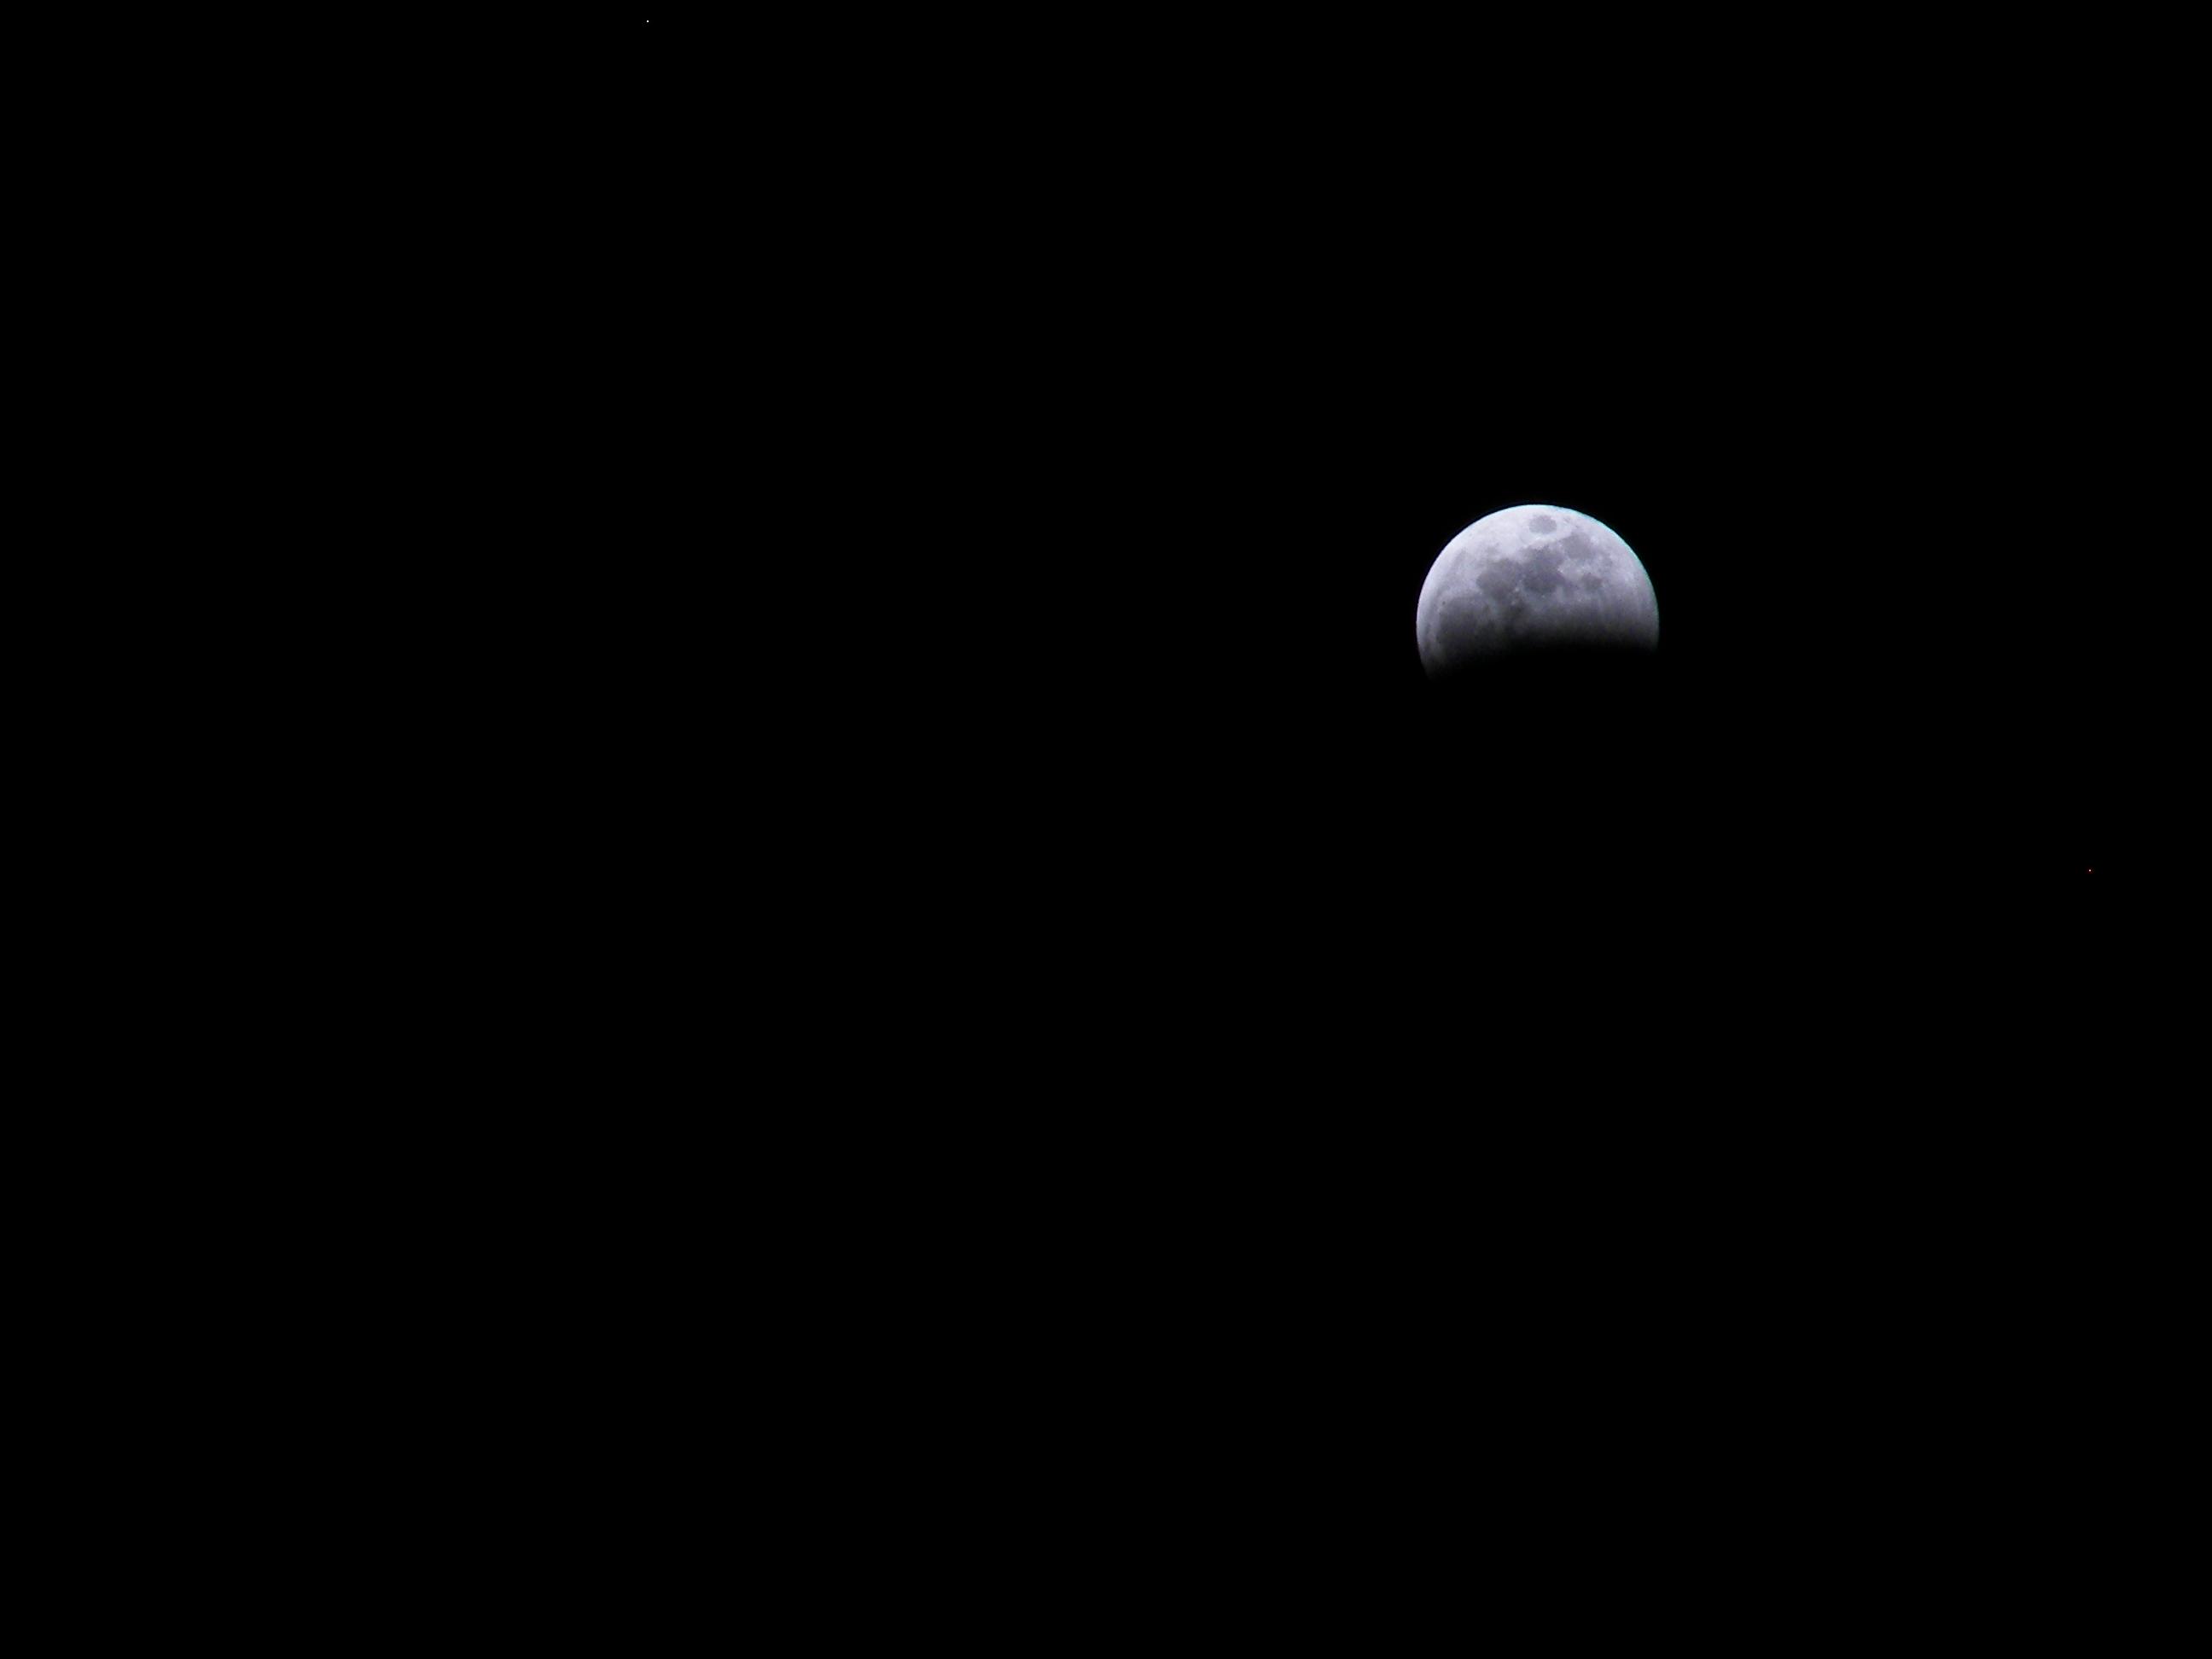 Eclipse_3_3_07 018.jpg